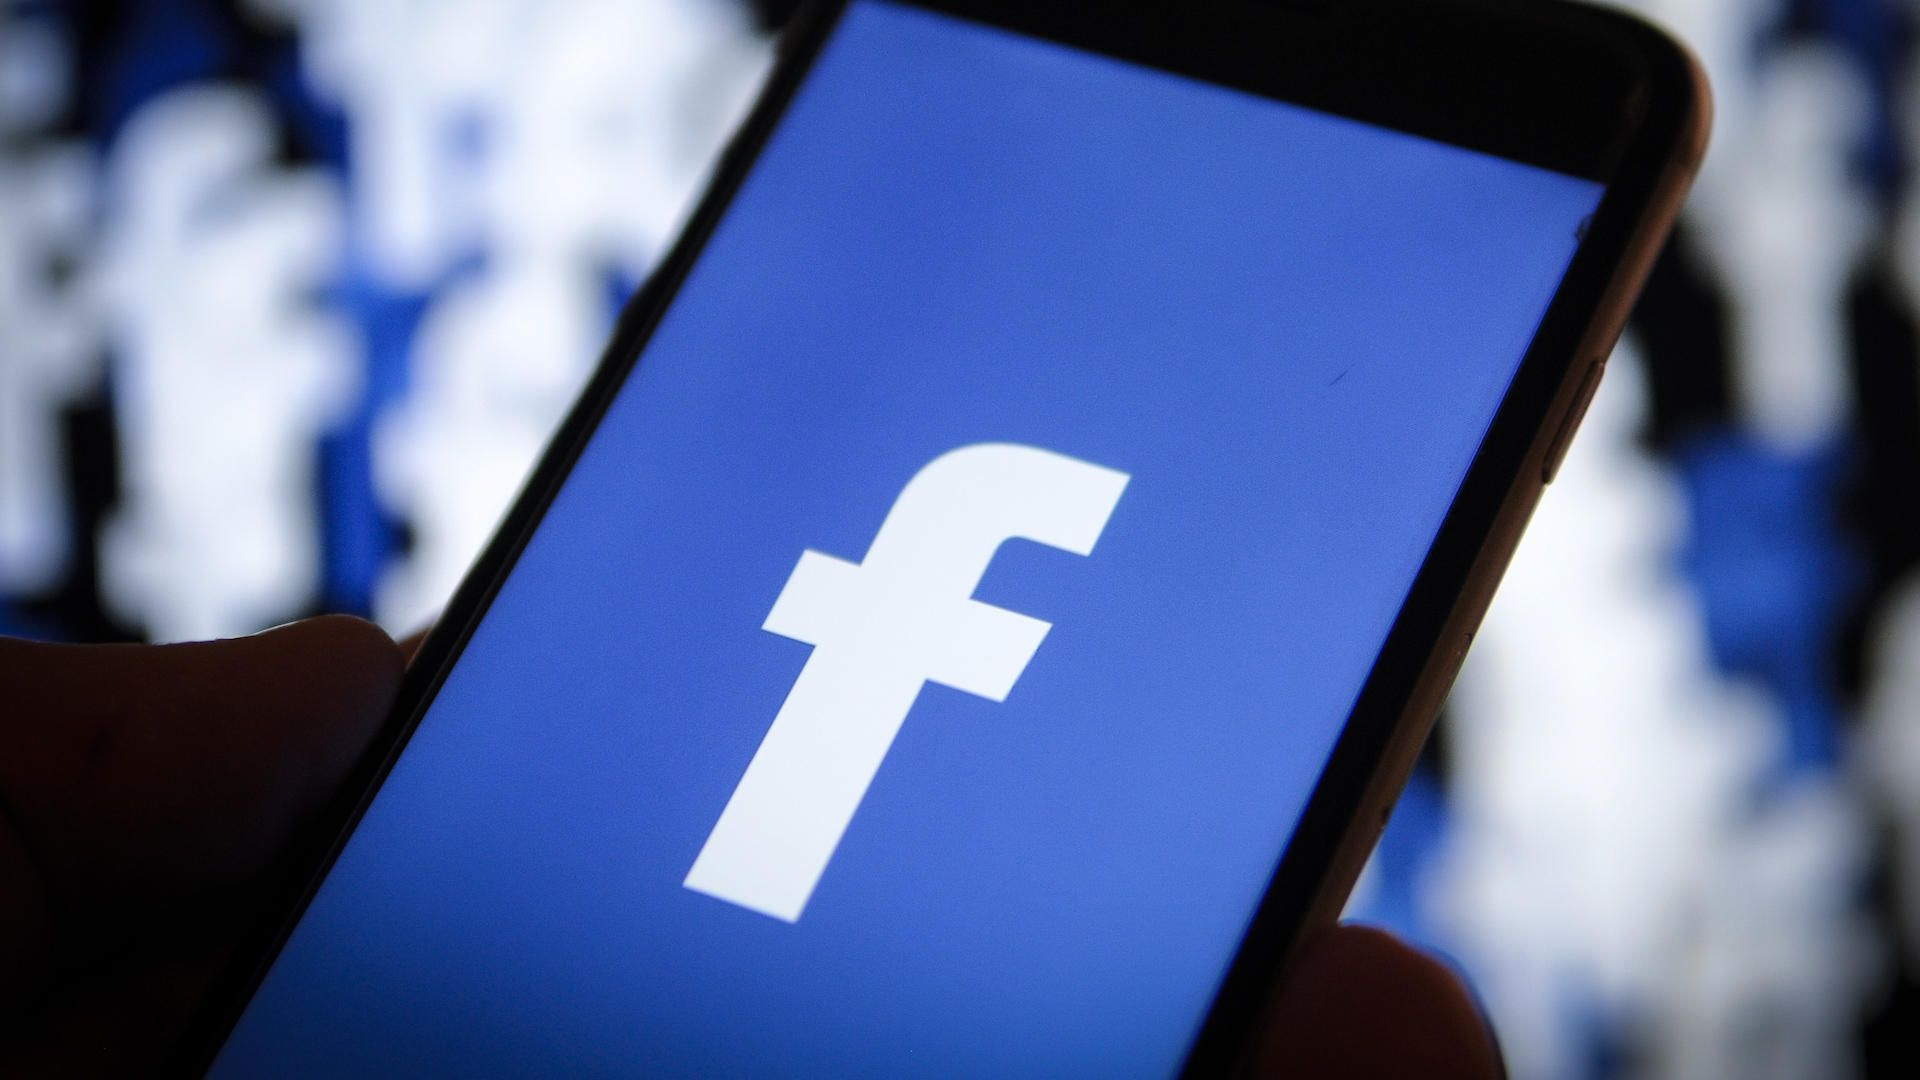 Facebook uygulamasında hesaplar arası geçiş nasıl yapılır?